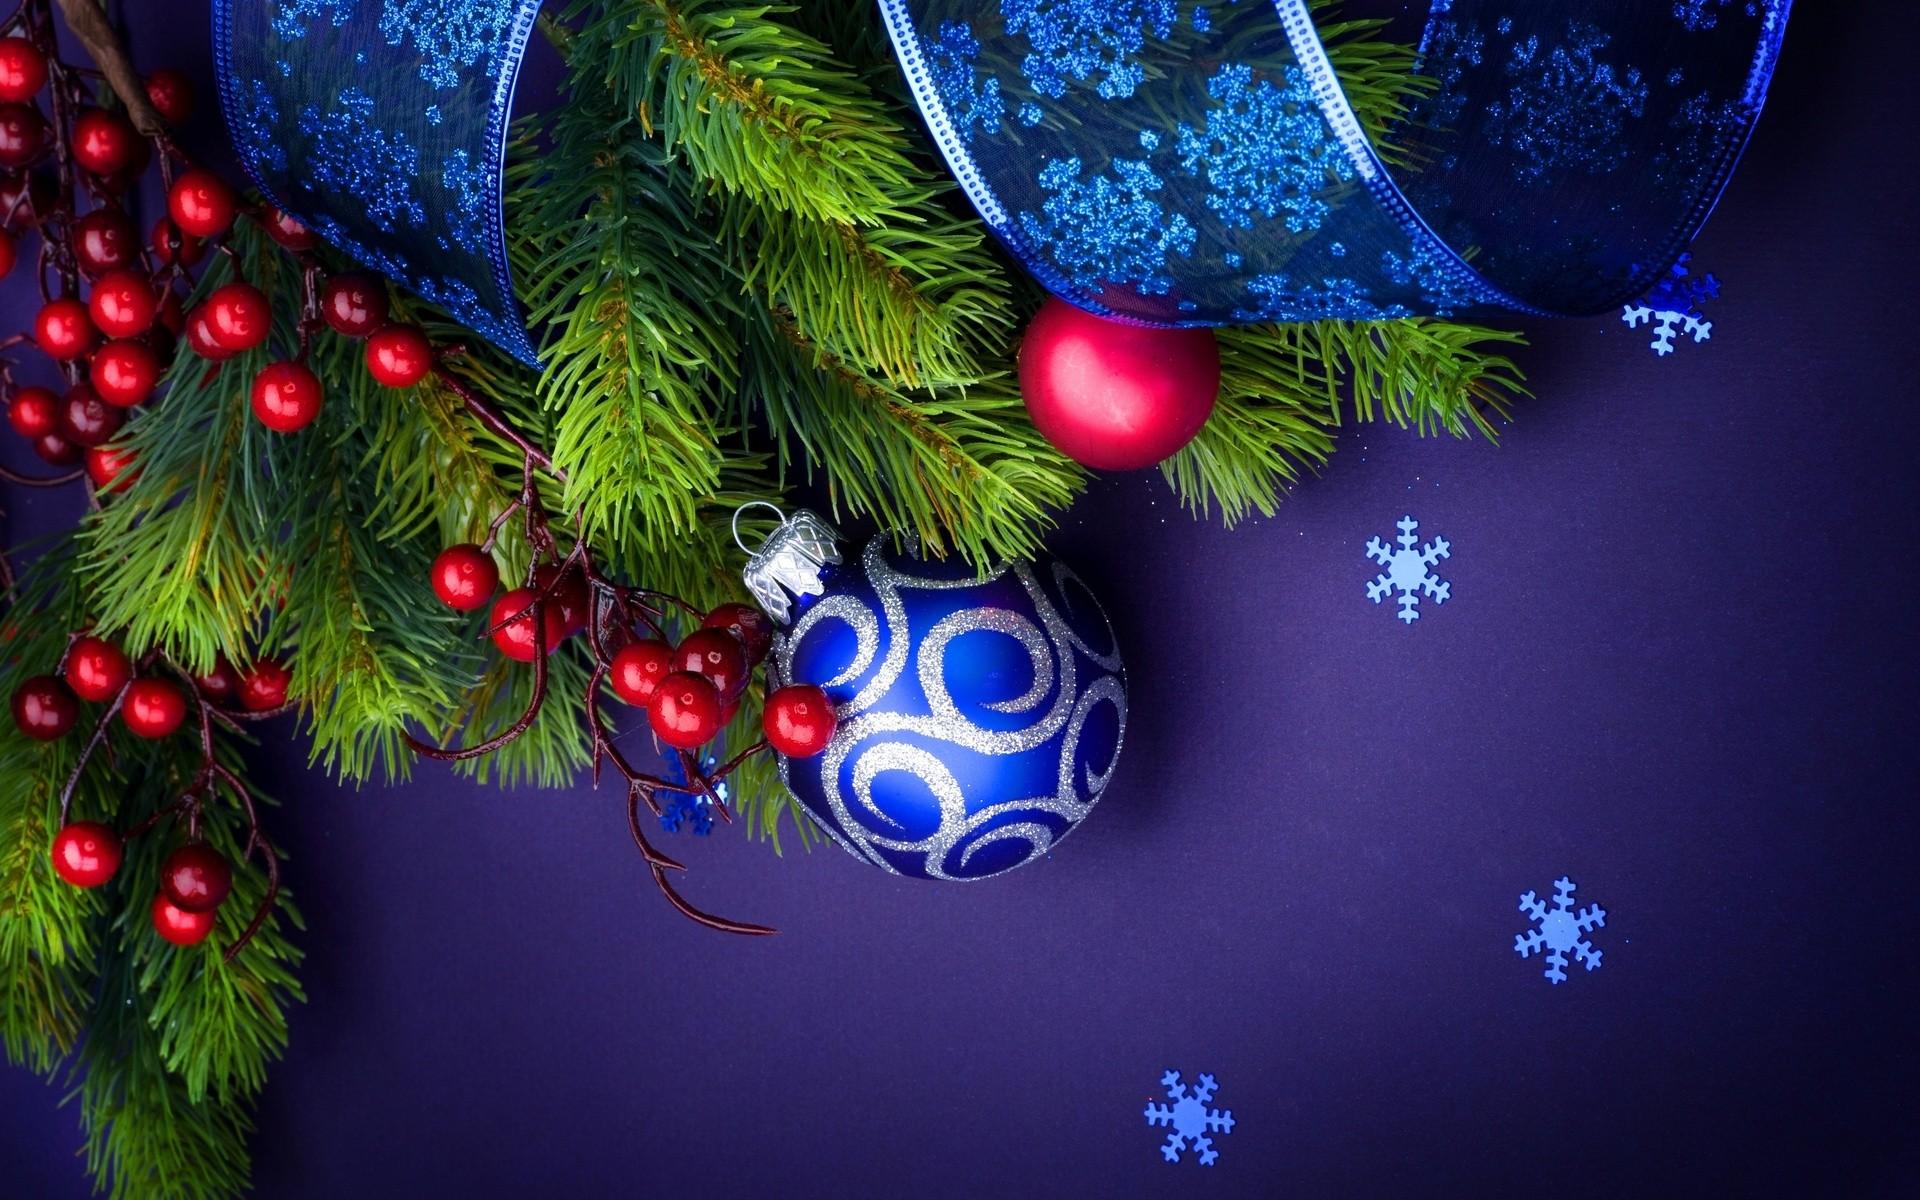 圣诞节主题高清电脑桌面壁纸_高清图片(2)